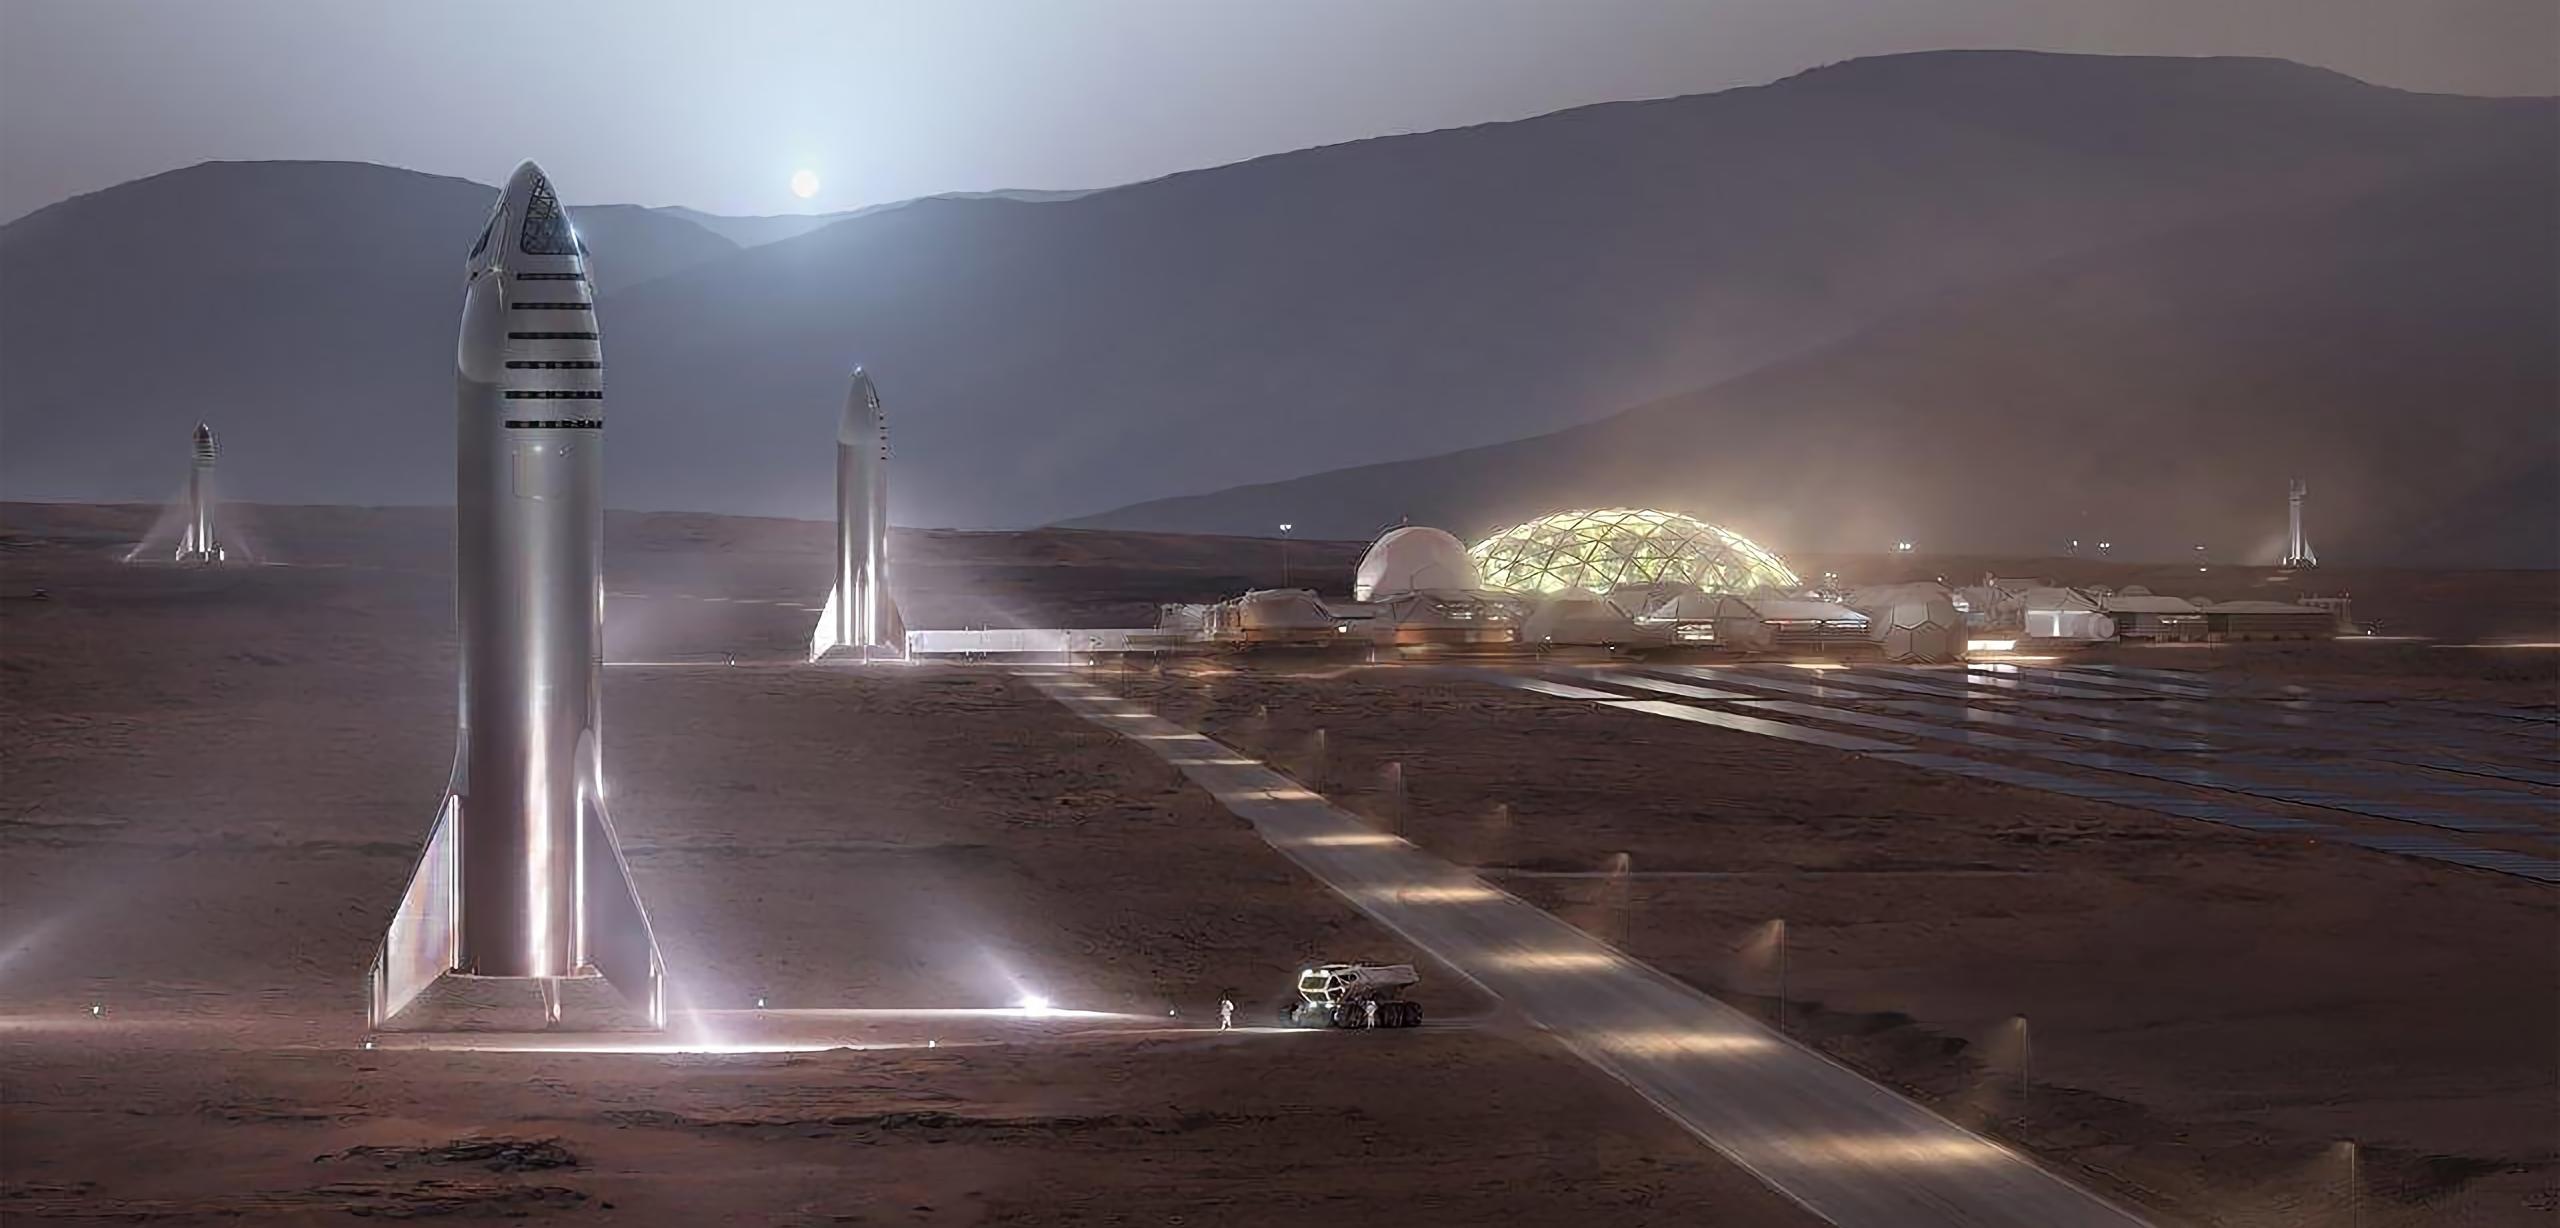 Иллюстрация покорения Марса кораблями Starship